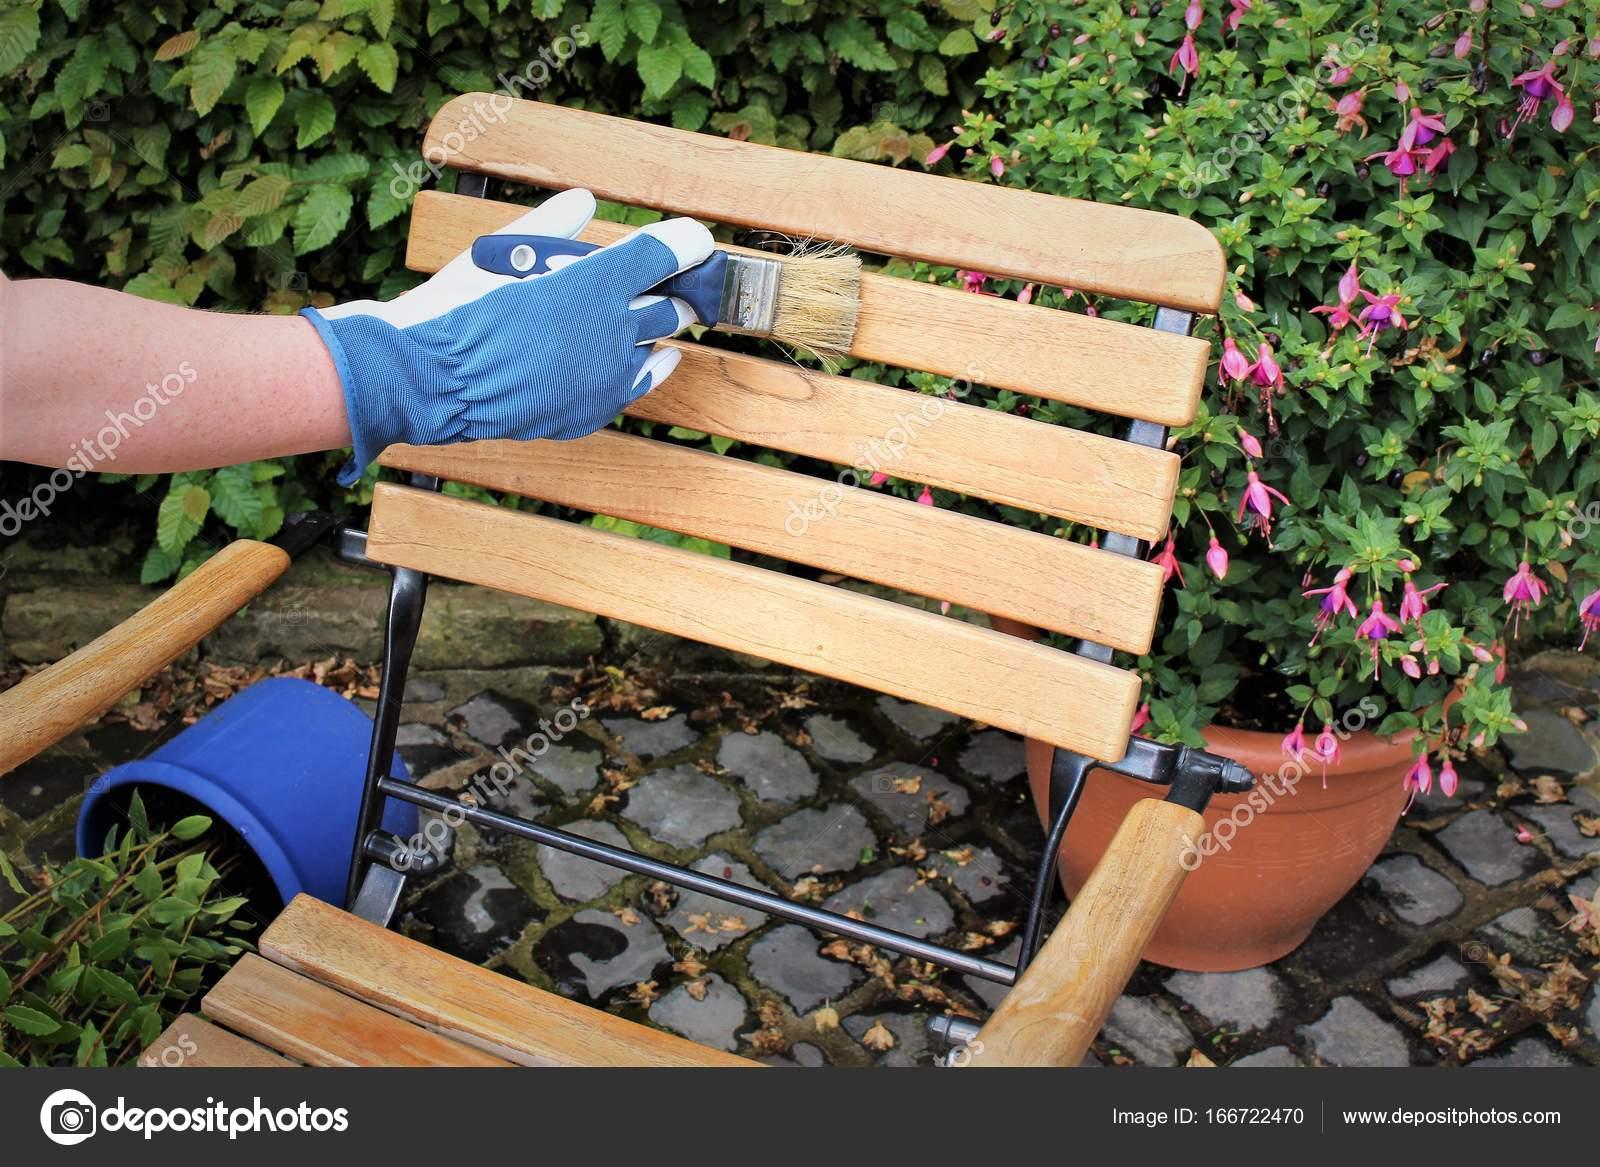 Una imagen de una muebles de jardín - pintura — Foto de stock ...